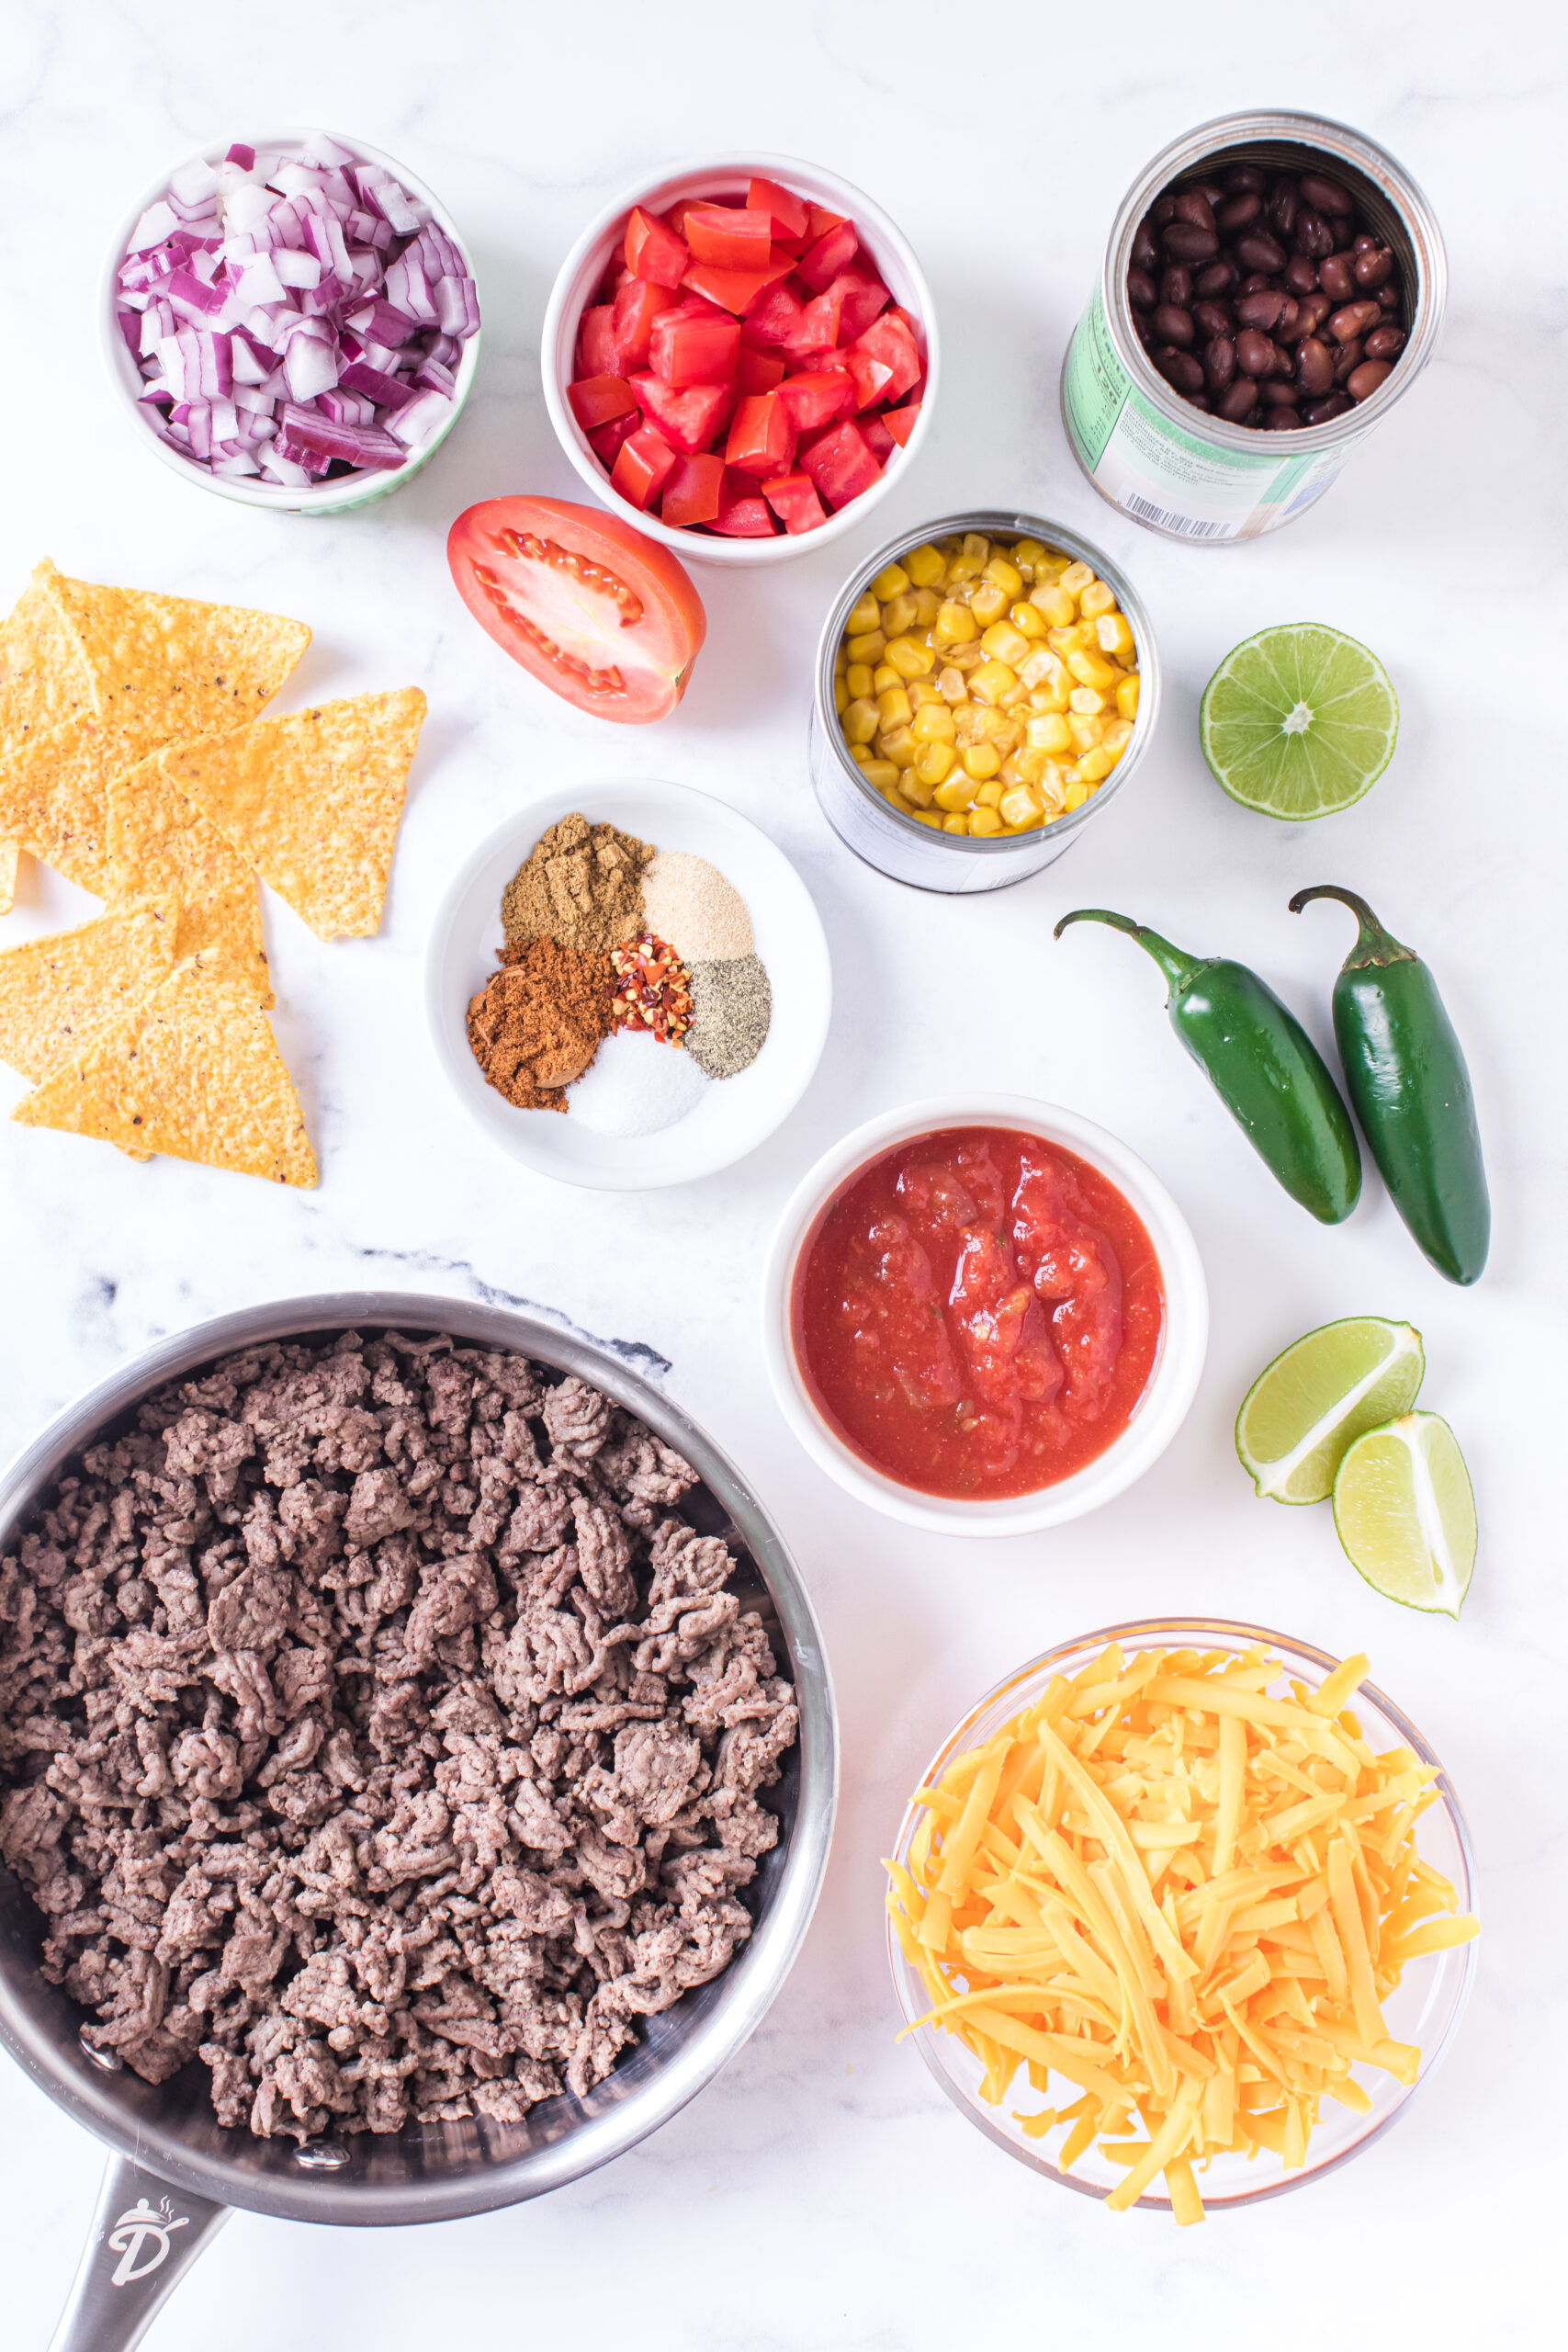 ingredients to make baked nachos